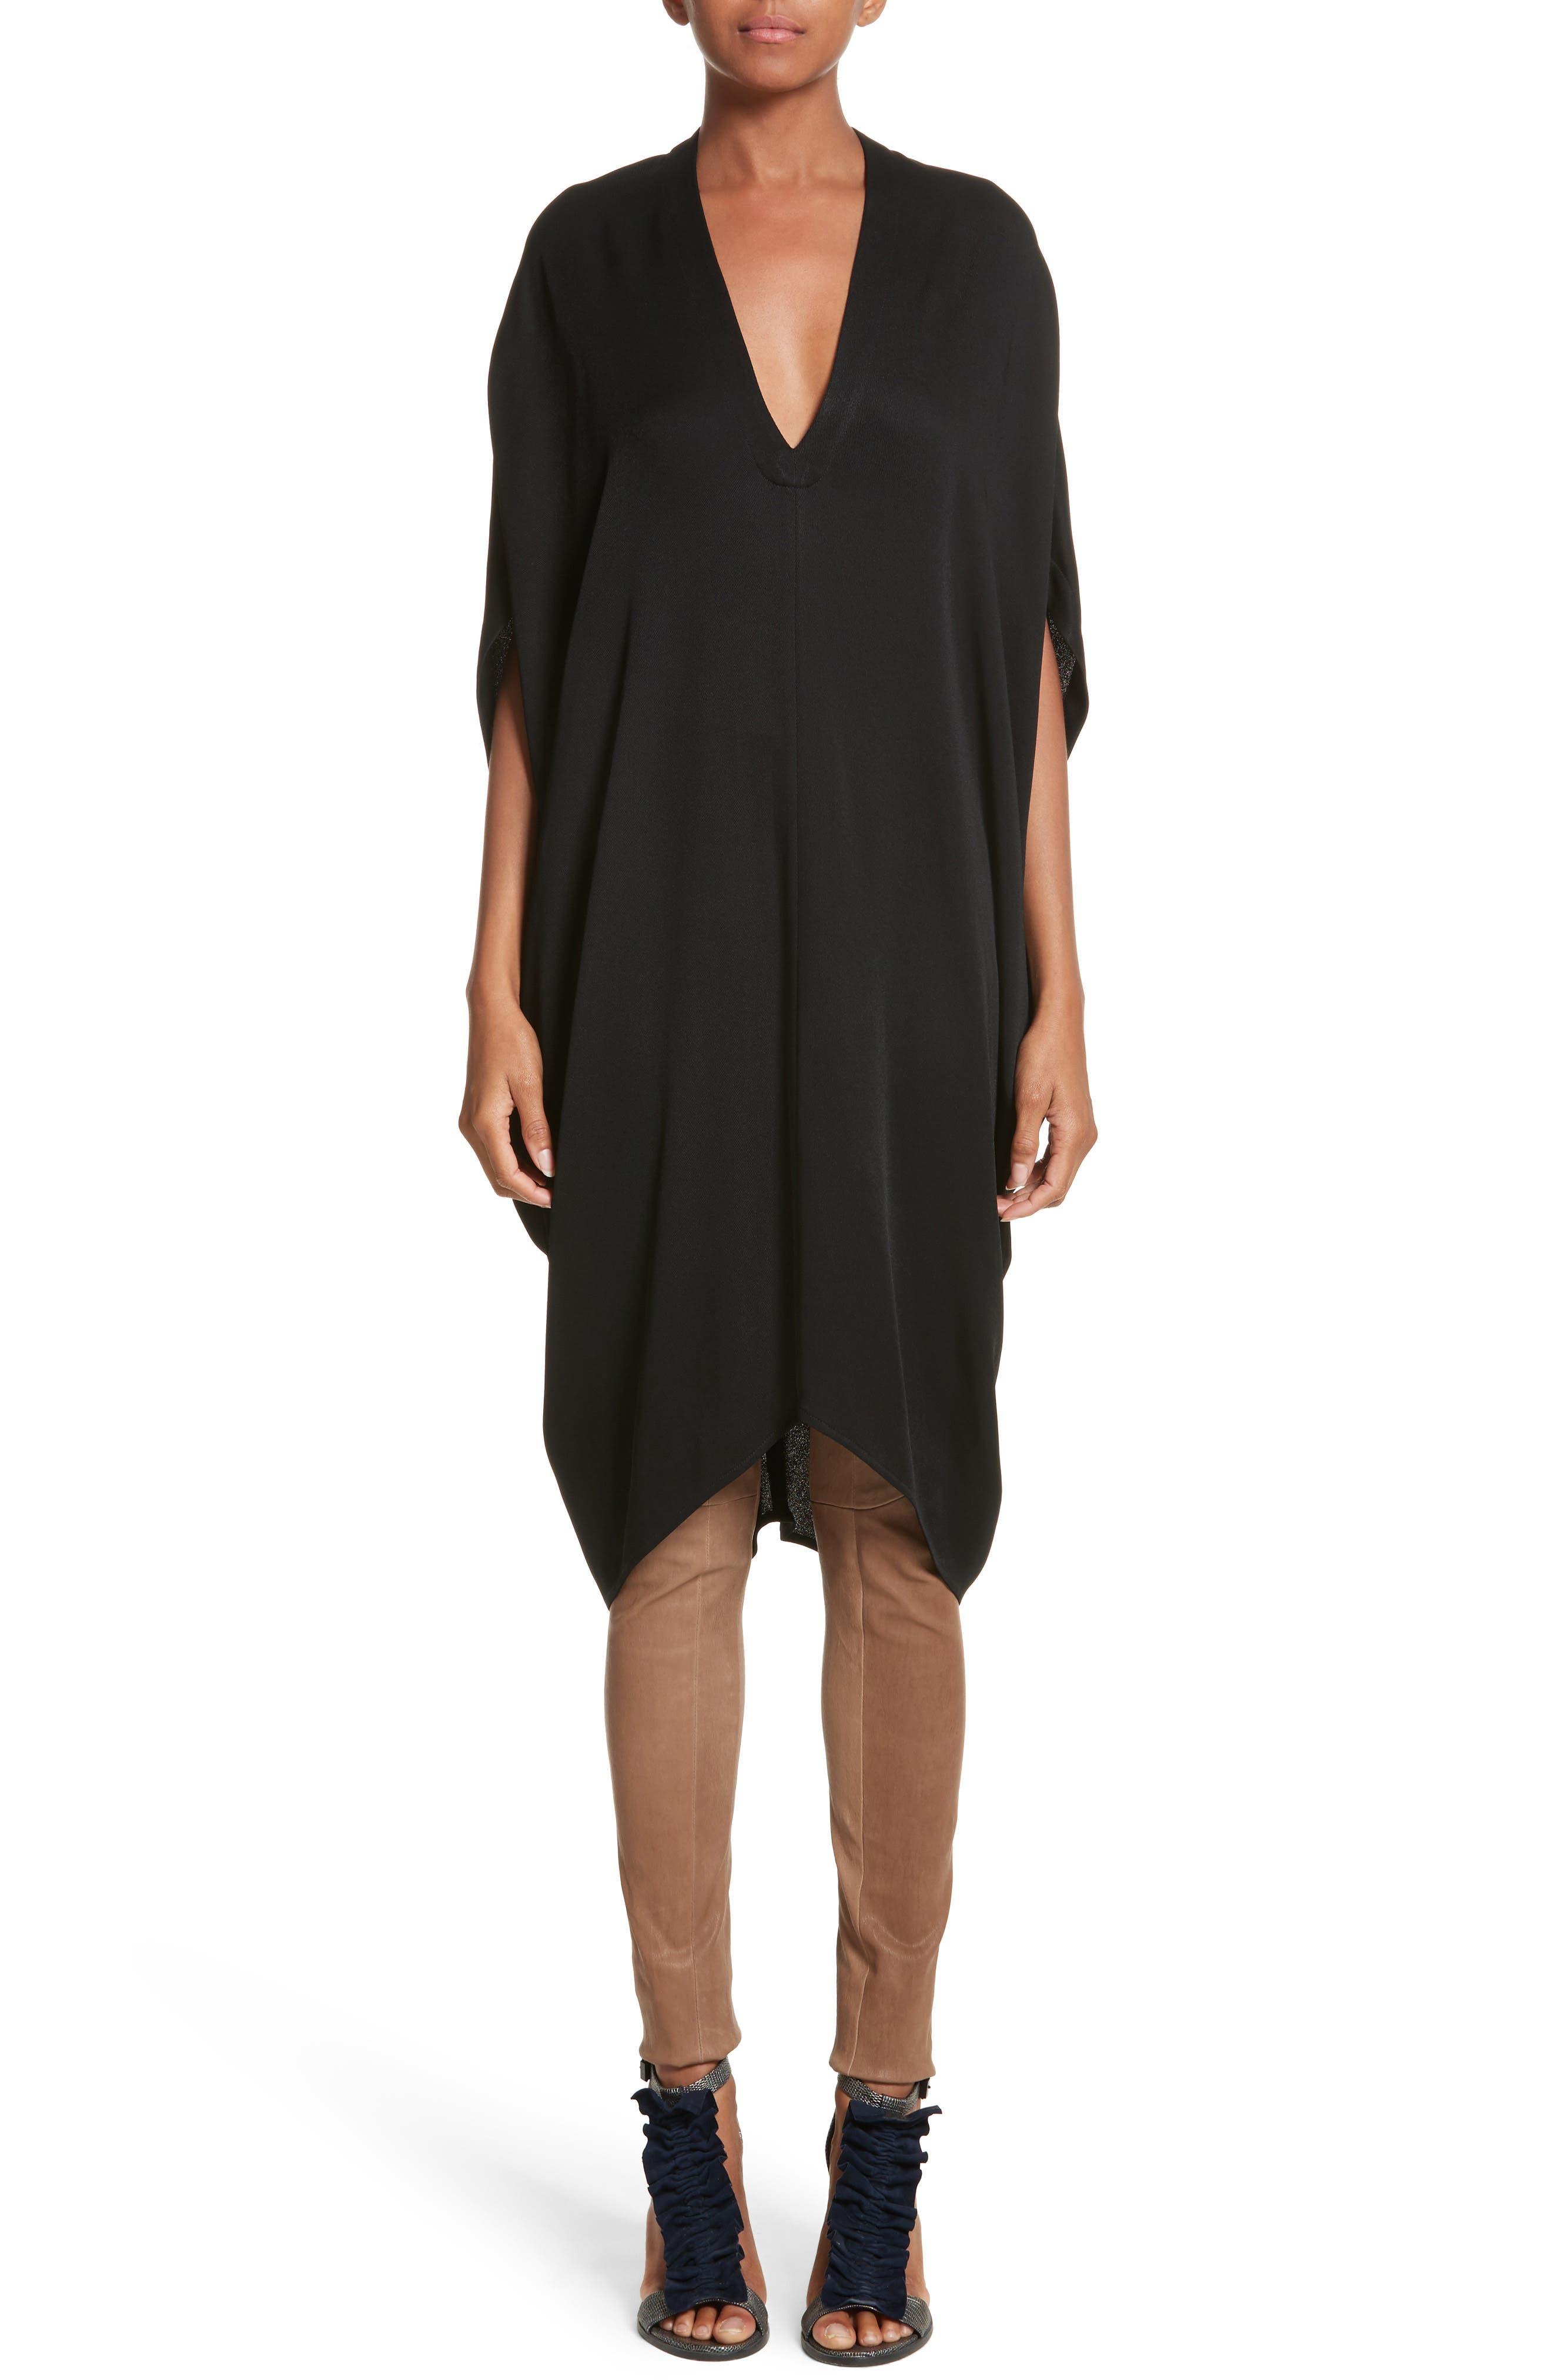 Eco Drape Dress,                             Alternate thumbnail 8, color,                             Black